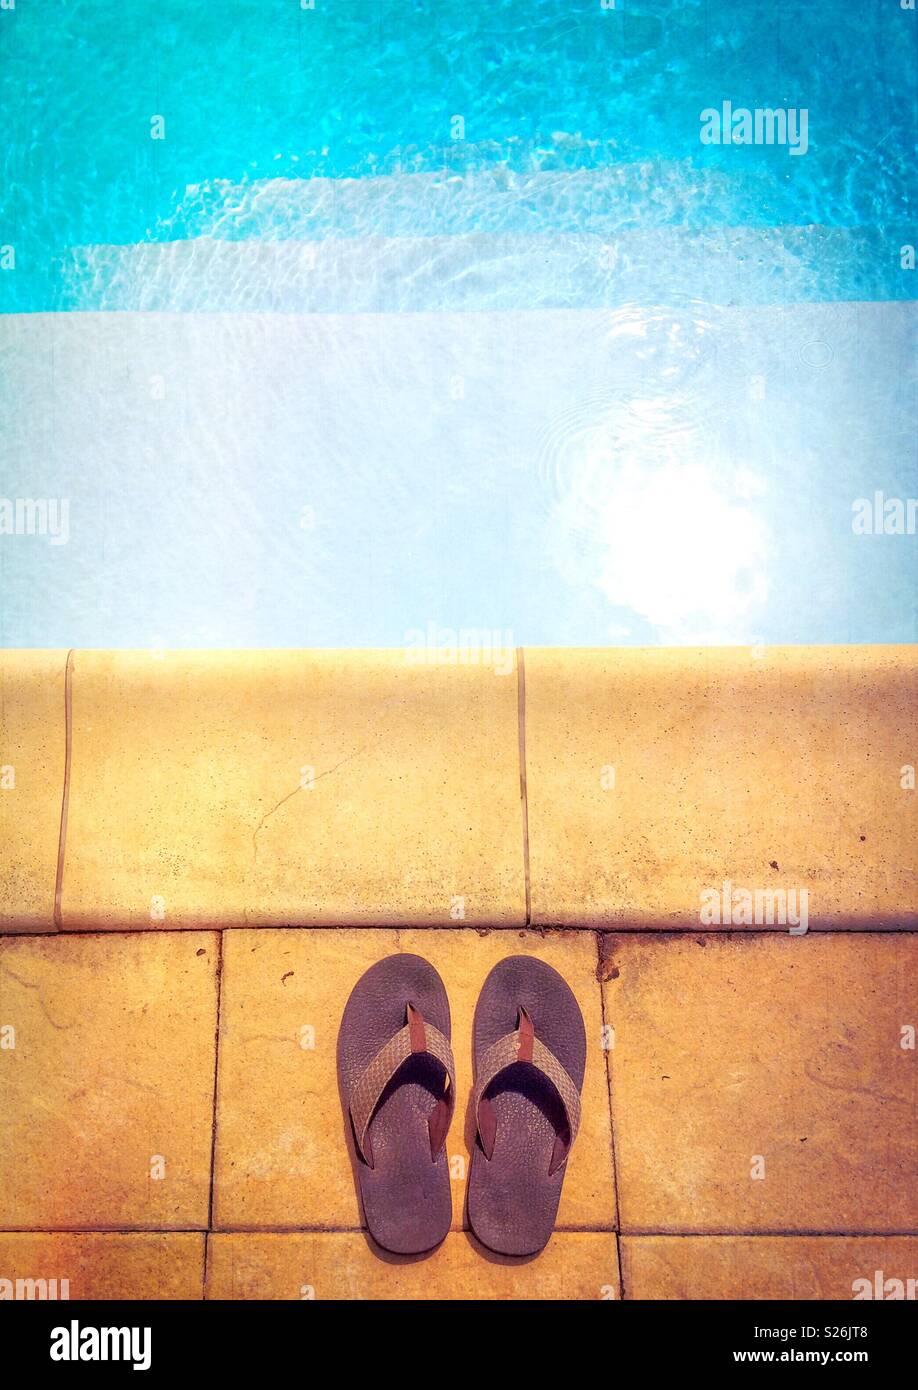 Entrer dans la piscine. Mise à plat photo d'une paire de tongs sur le bord d'une piscine. Concept d'été. Photo Stock